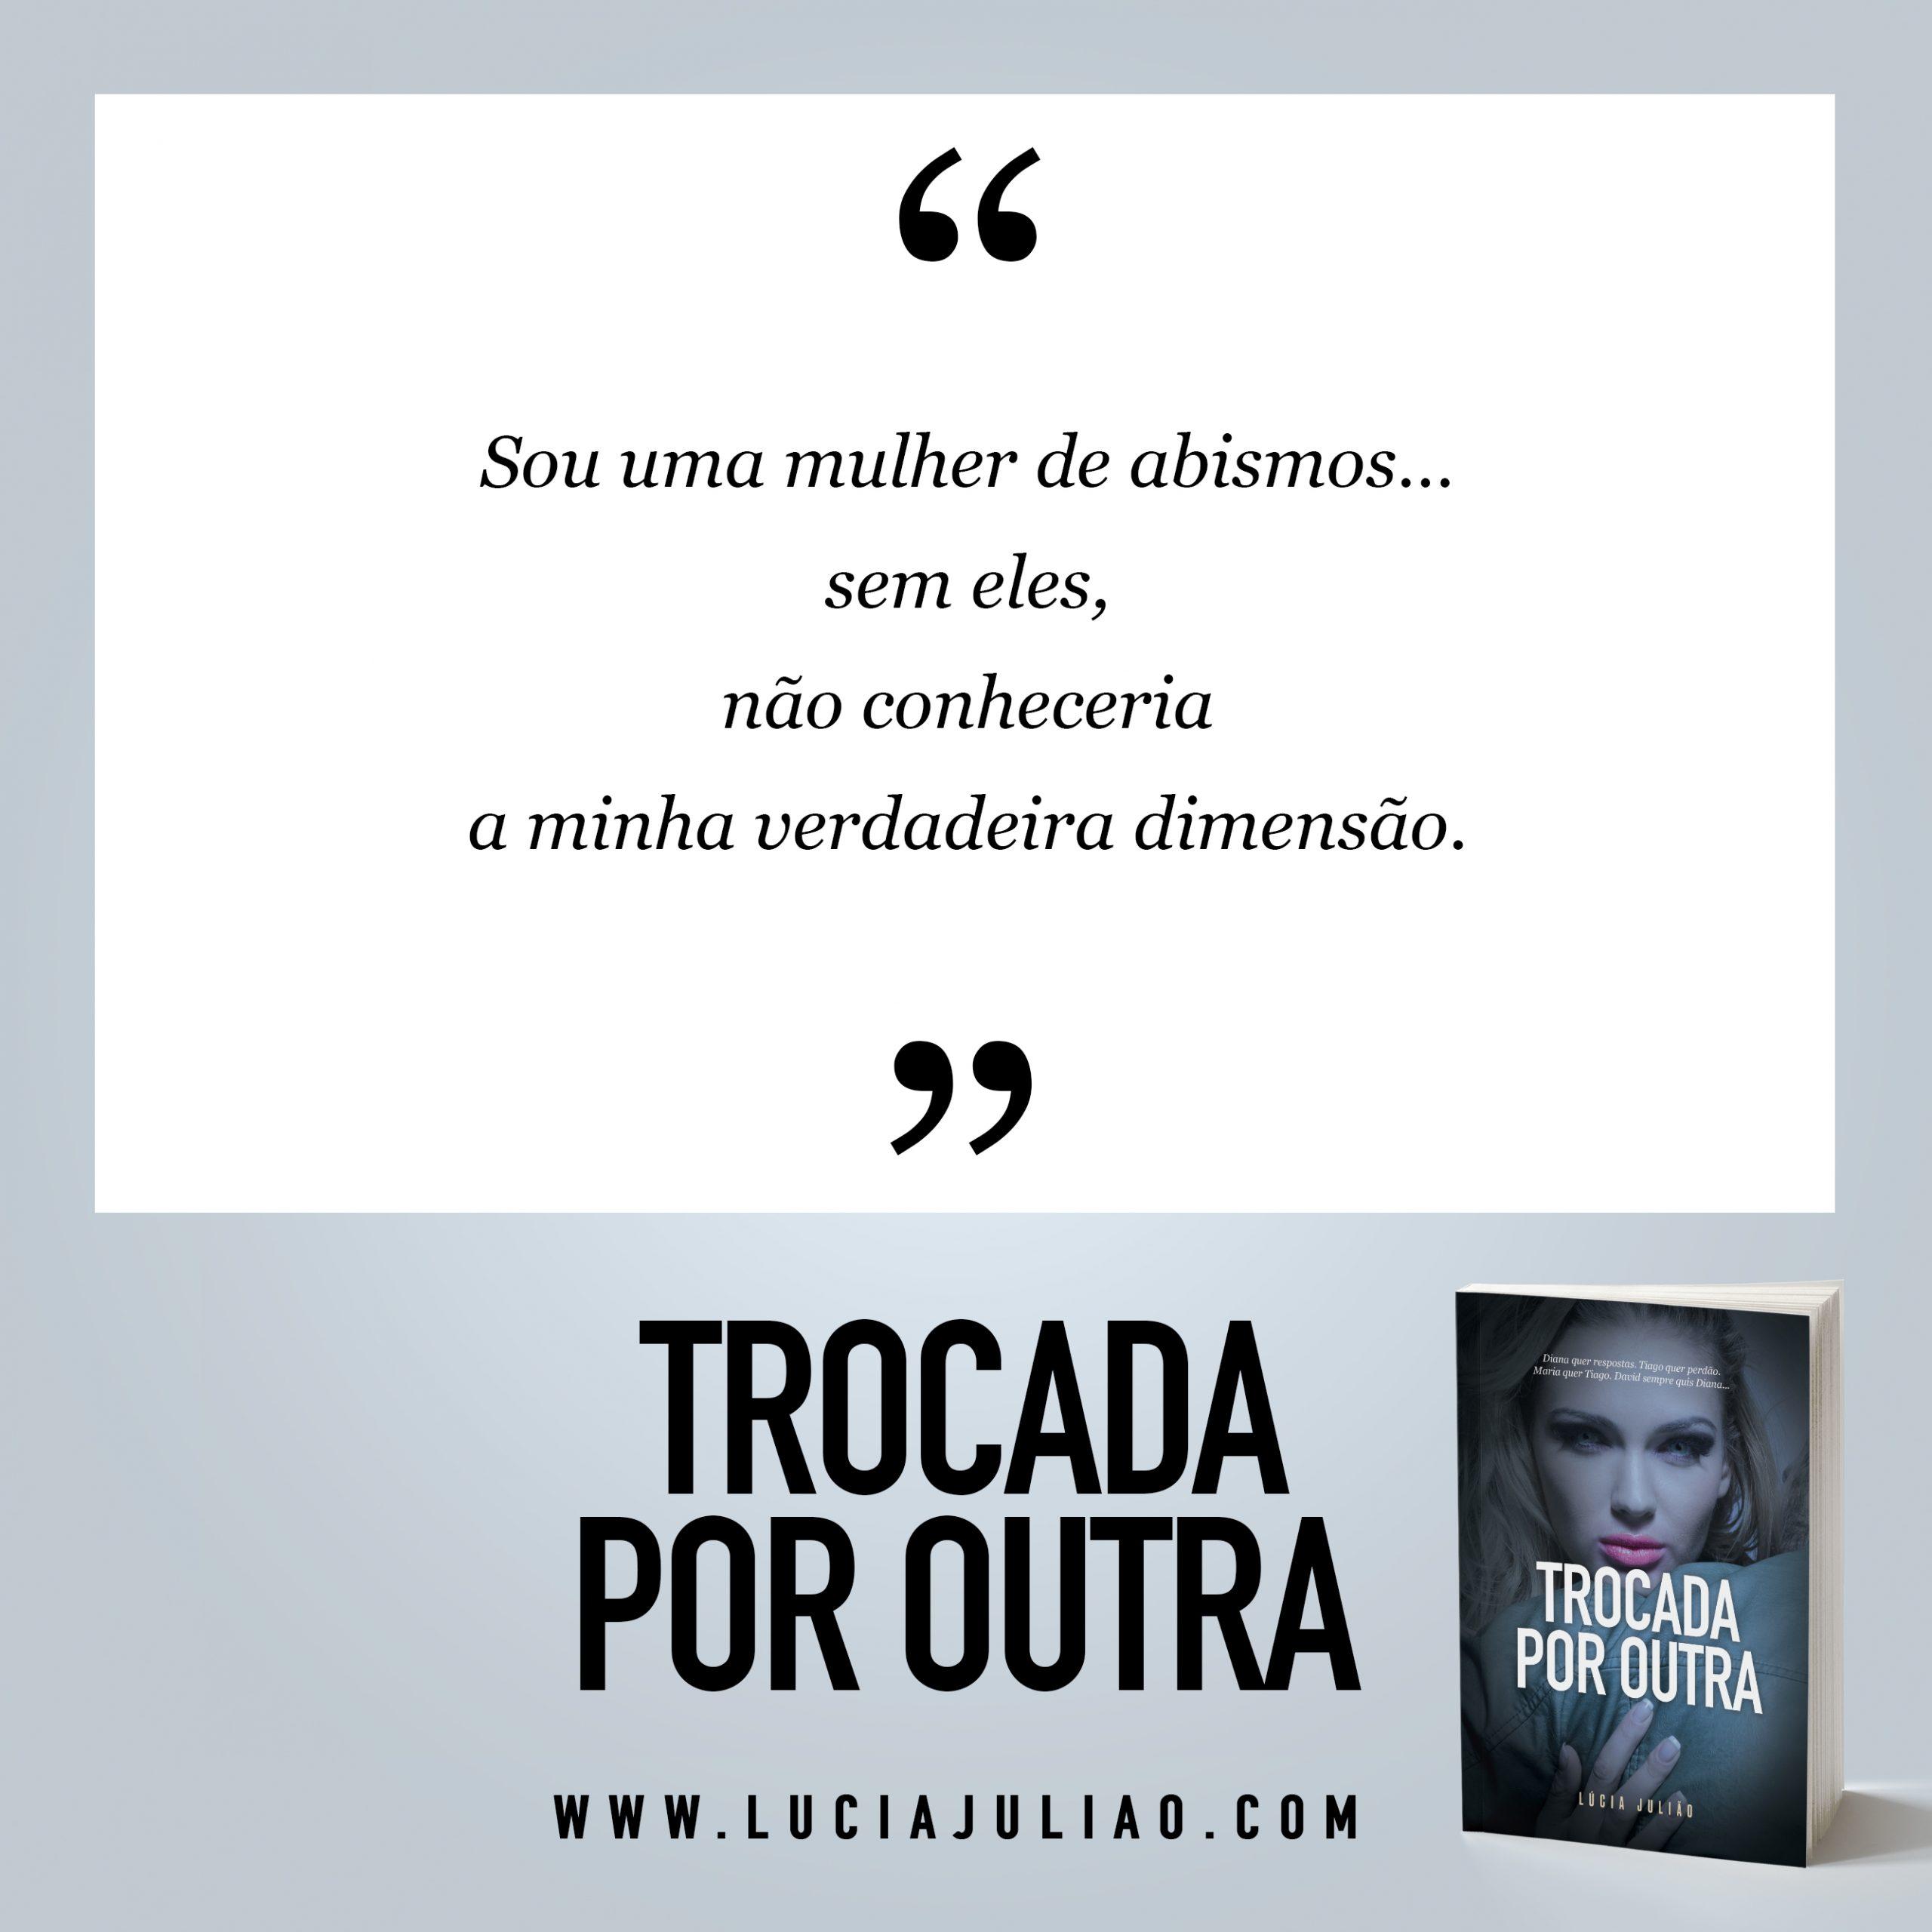 054Q - capitulo 18 Trocada por outra - Lúcia Julião